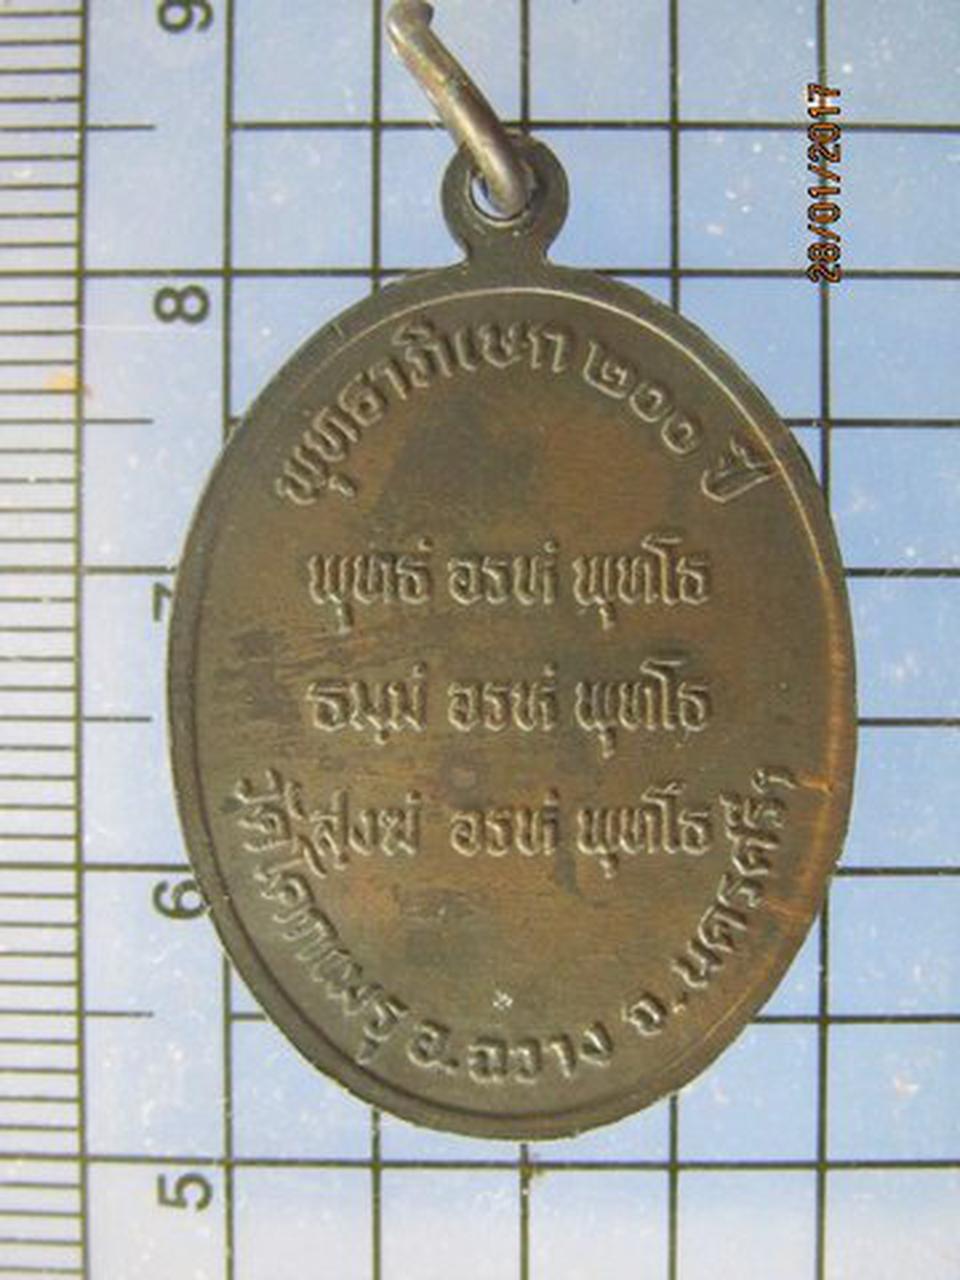 4211 เหรียญหลวงพ่อคล้าย วัดสวนขัน พุทธาภิเษก 200 ปี วัดโคกเม รูปที่ 1